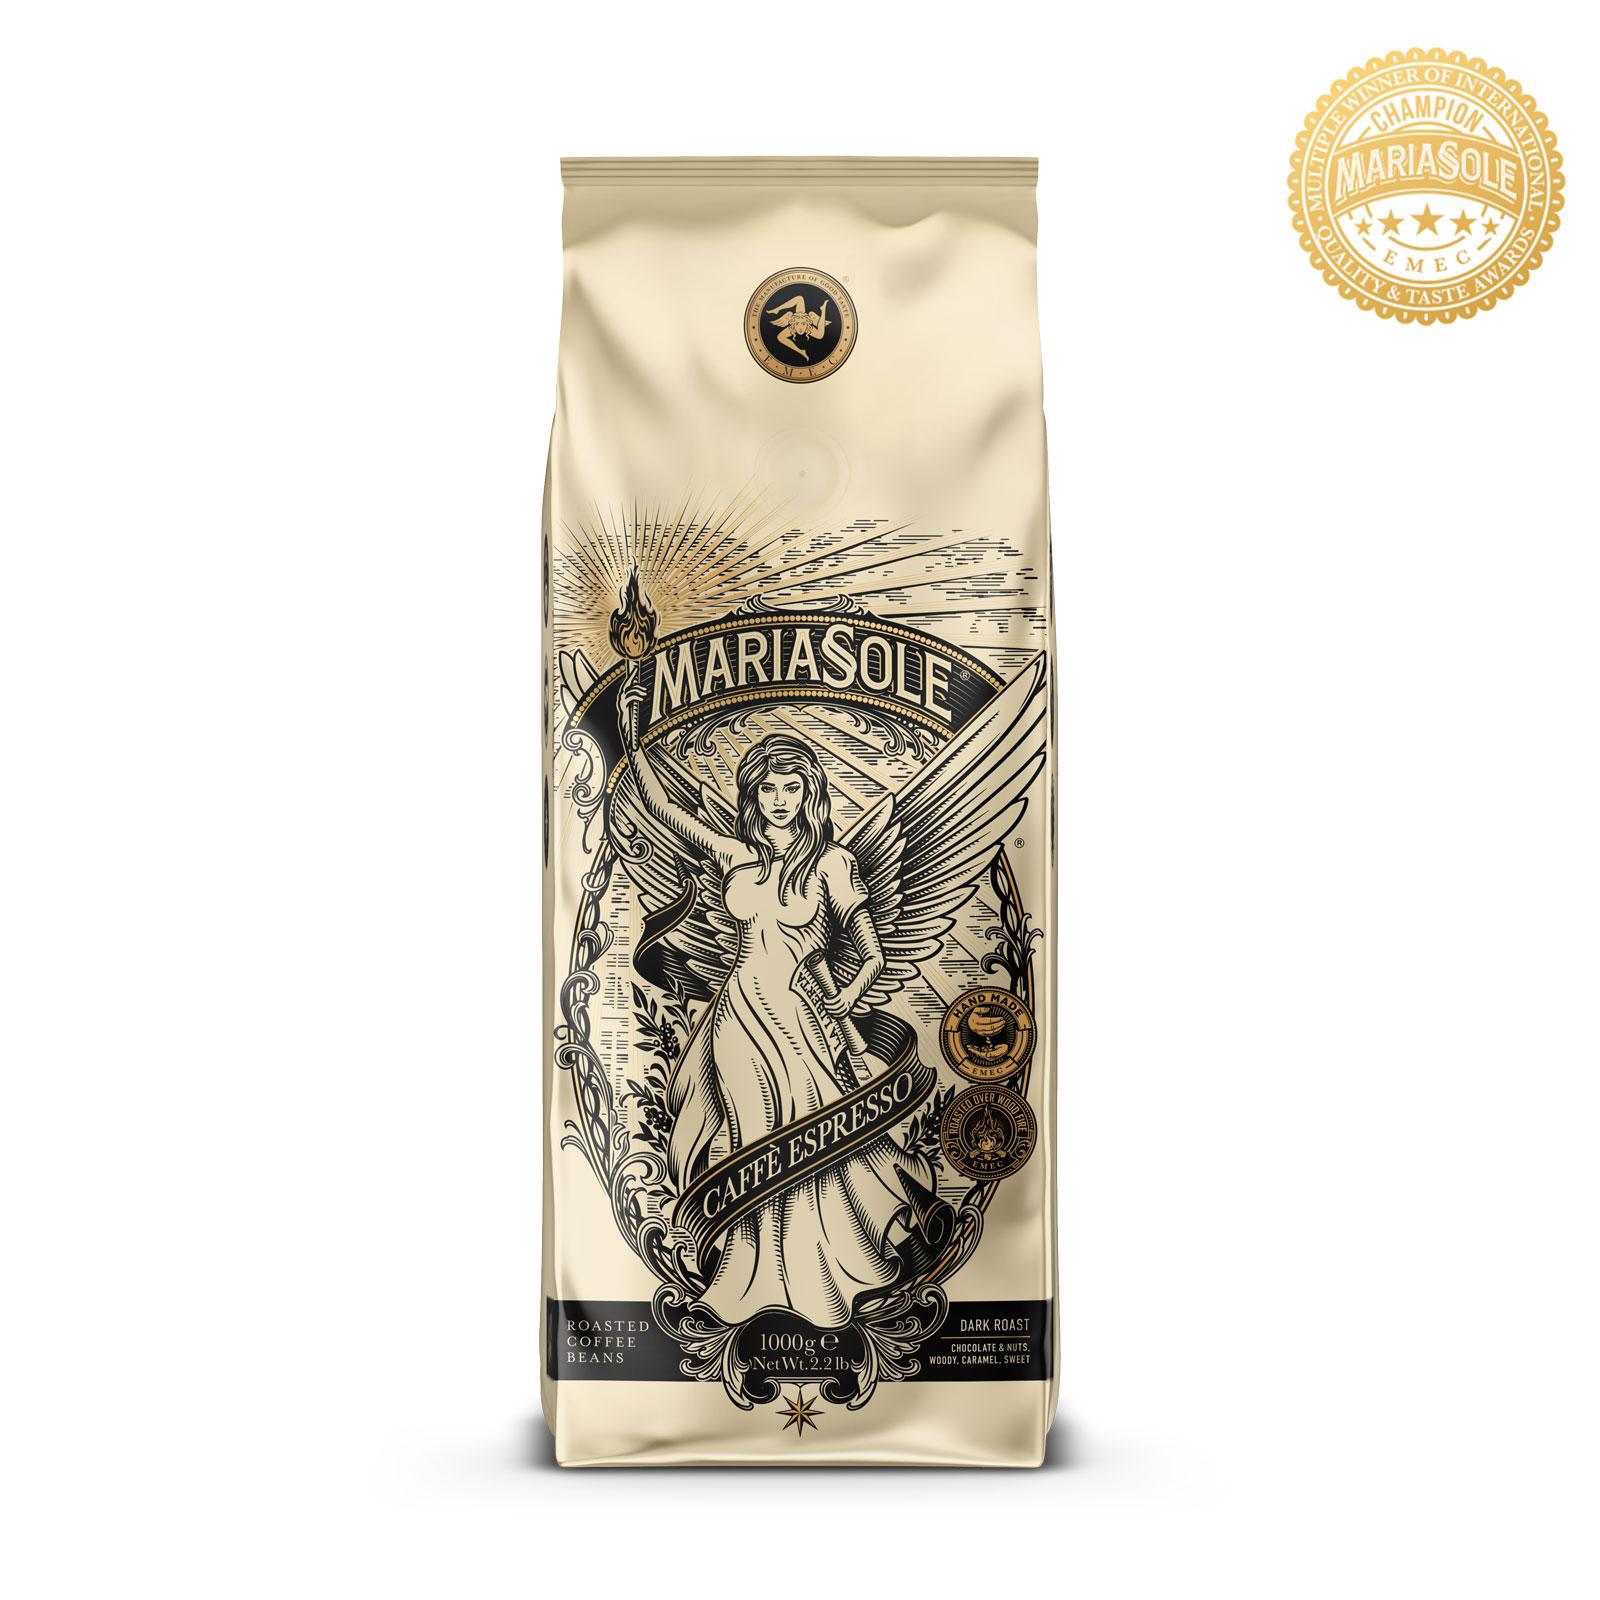 MARIASOLE - Caffè Espresso - 1000g - Bohnen